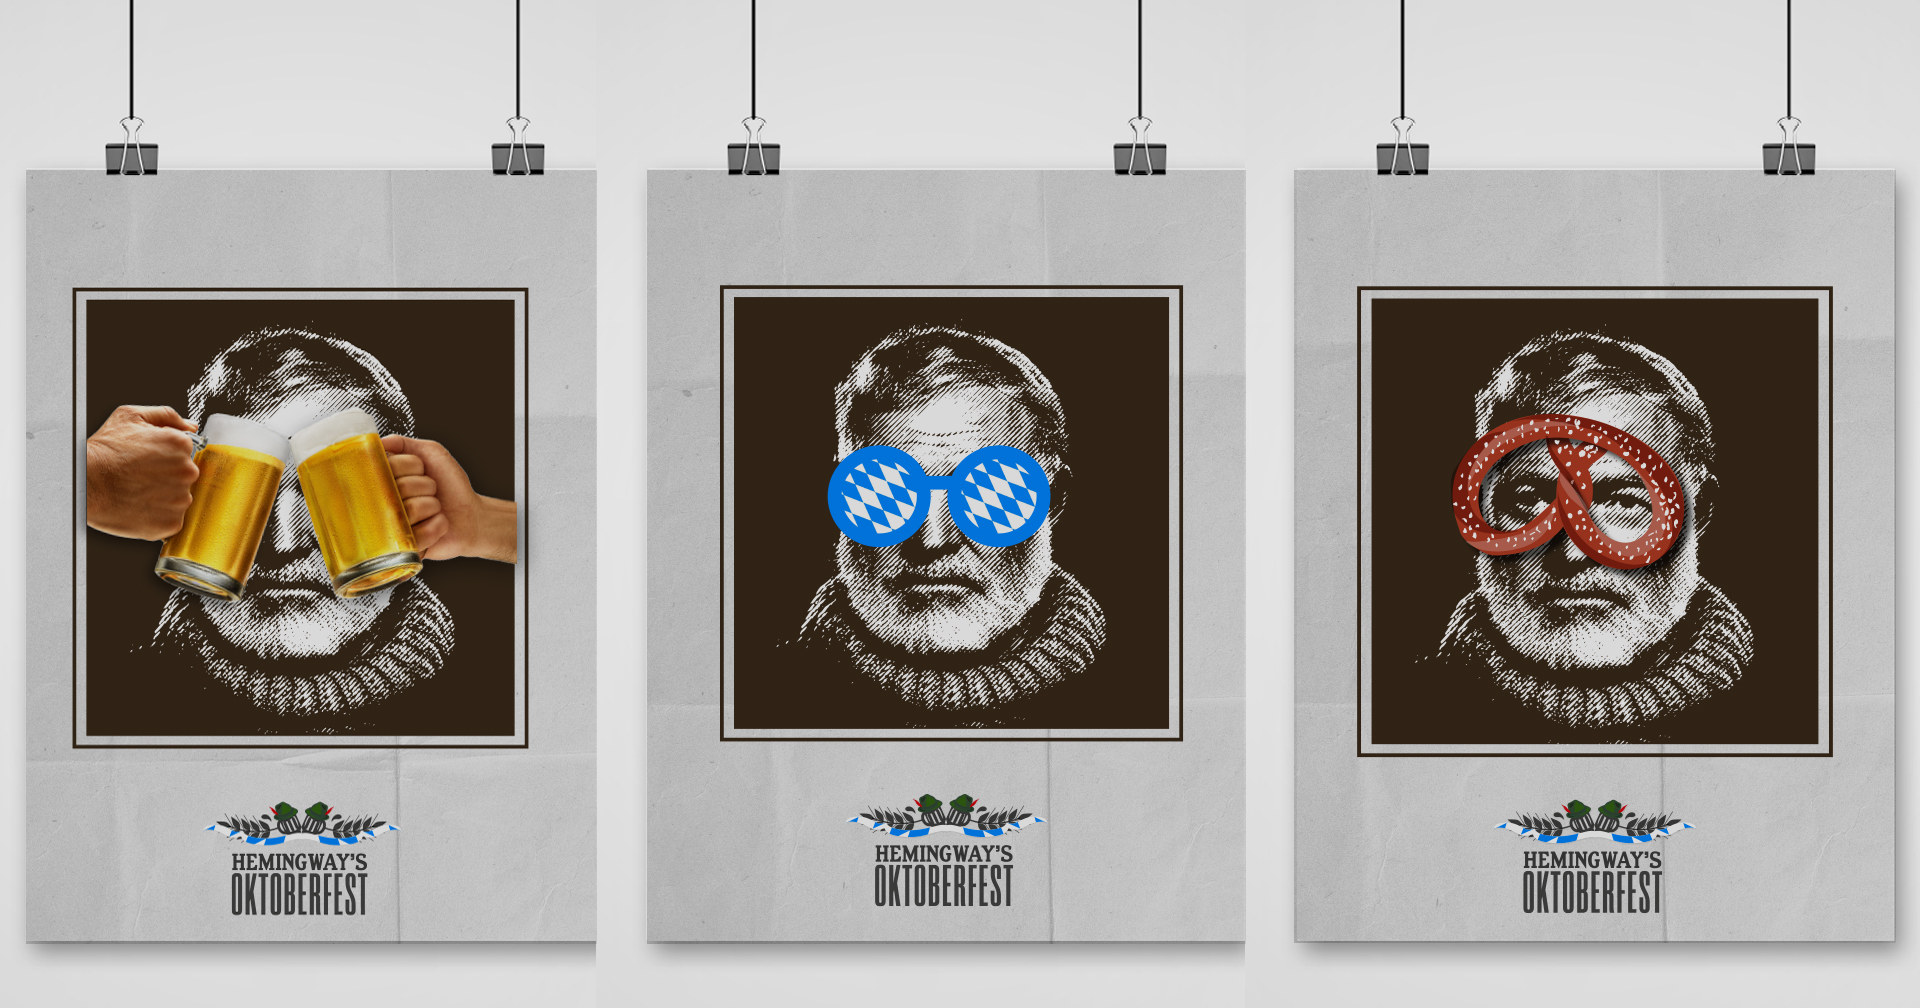 Työnäyte: Hemingways Oktoberfest kampanjajulisteet - Kampanjasuunnittelu, visuaalinen ja graafinen suunnittelu sekä mainonnan suunnittelu ja toteutus